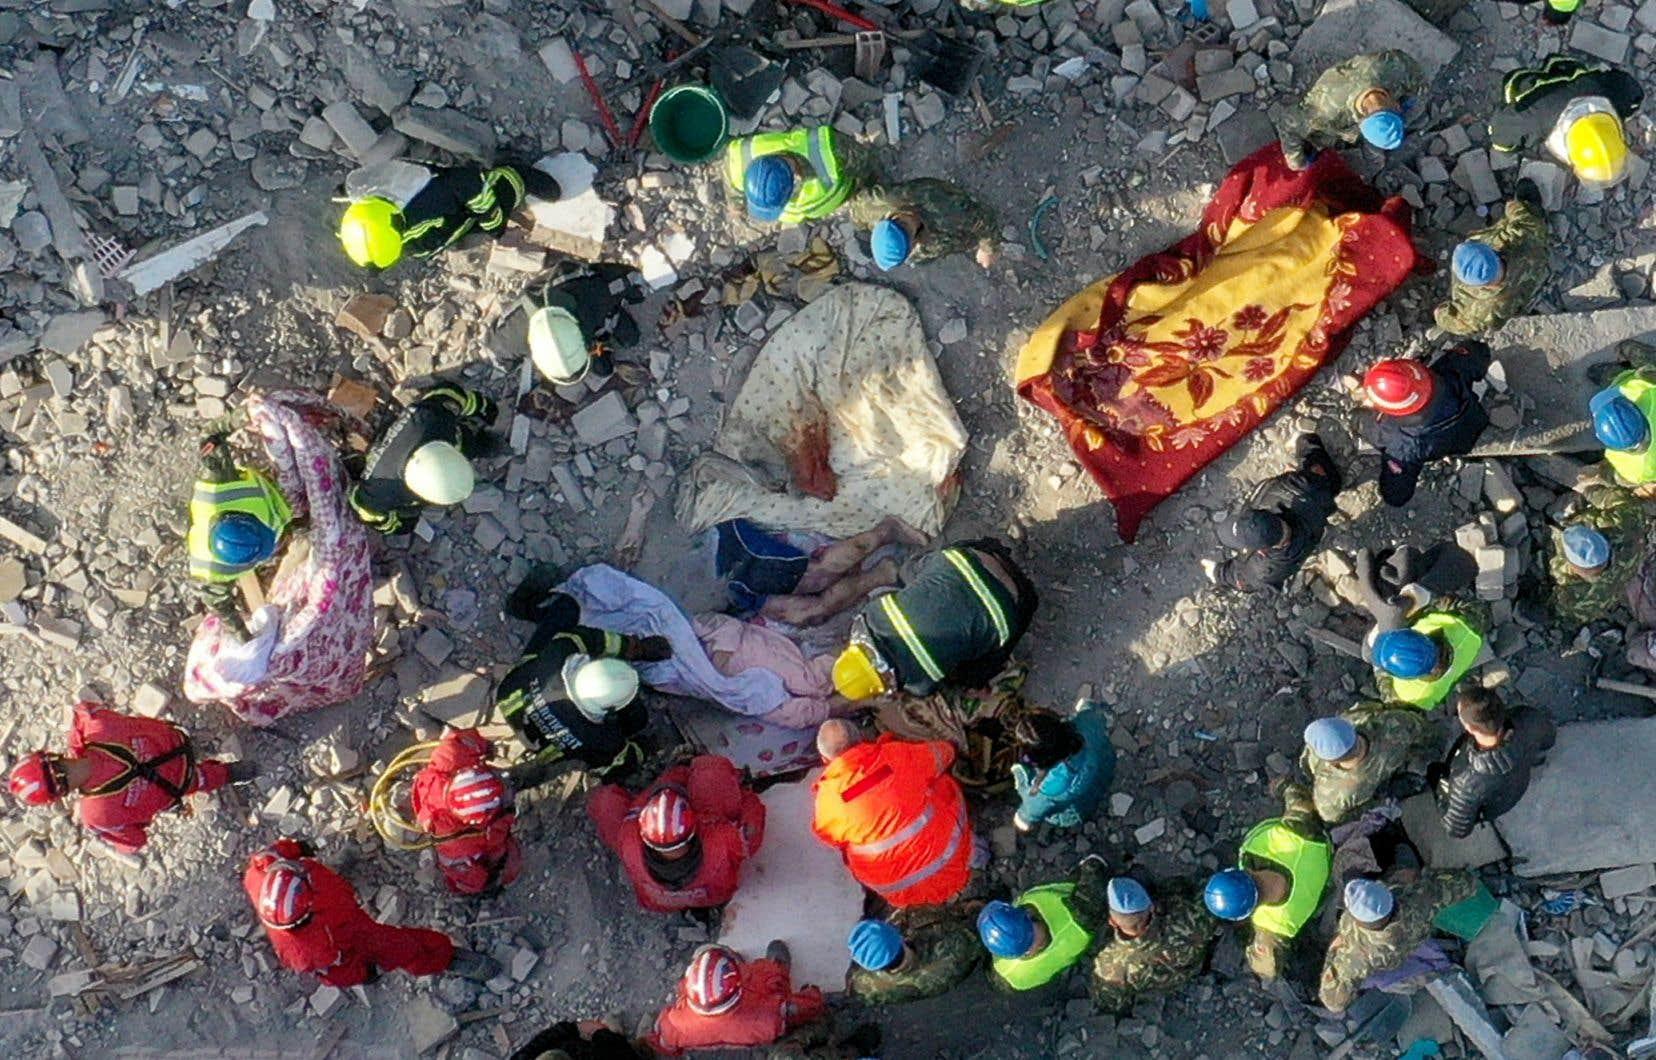 Après avoir sauvé 45 personnes, les secours étaient engagés mercredi dans une course contre la montre pour trouver des survivants ensevelis sous les gravats.